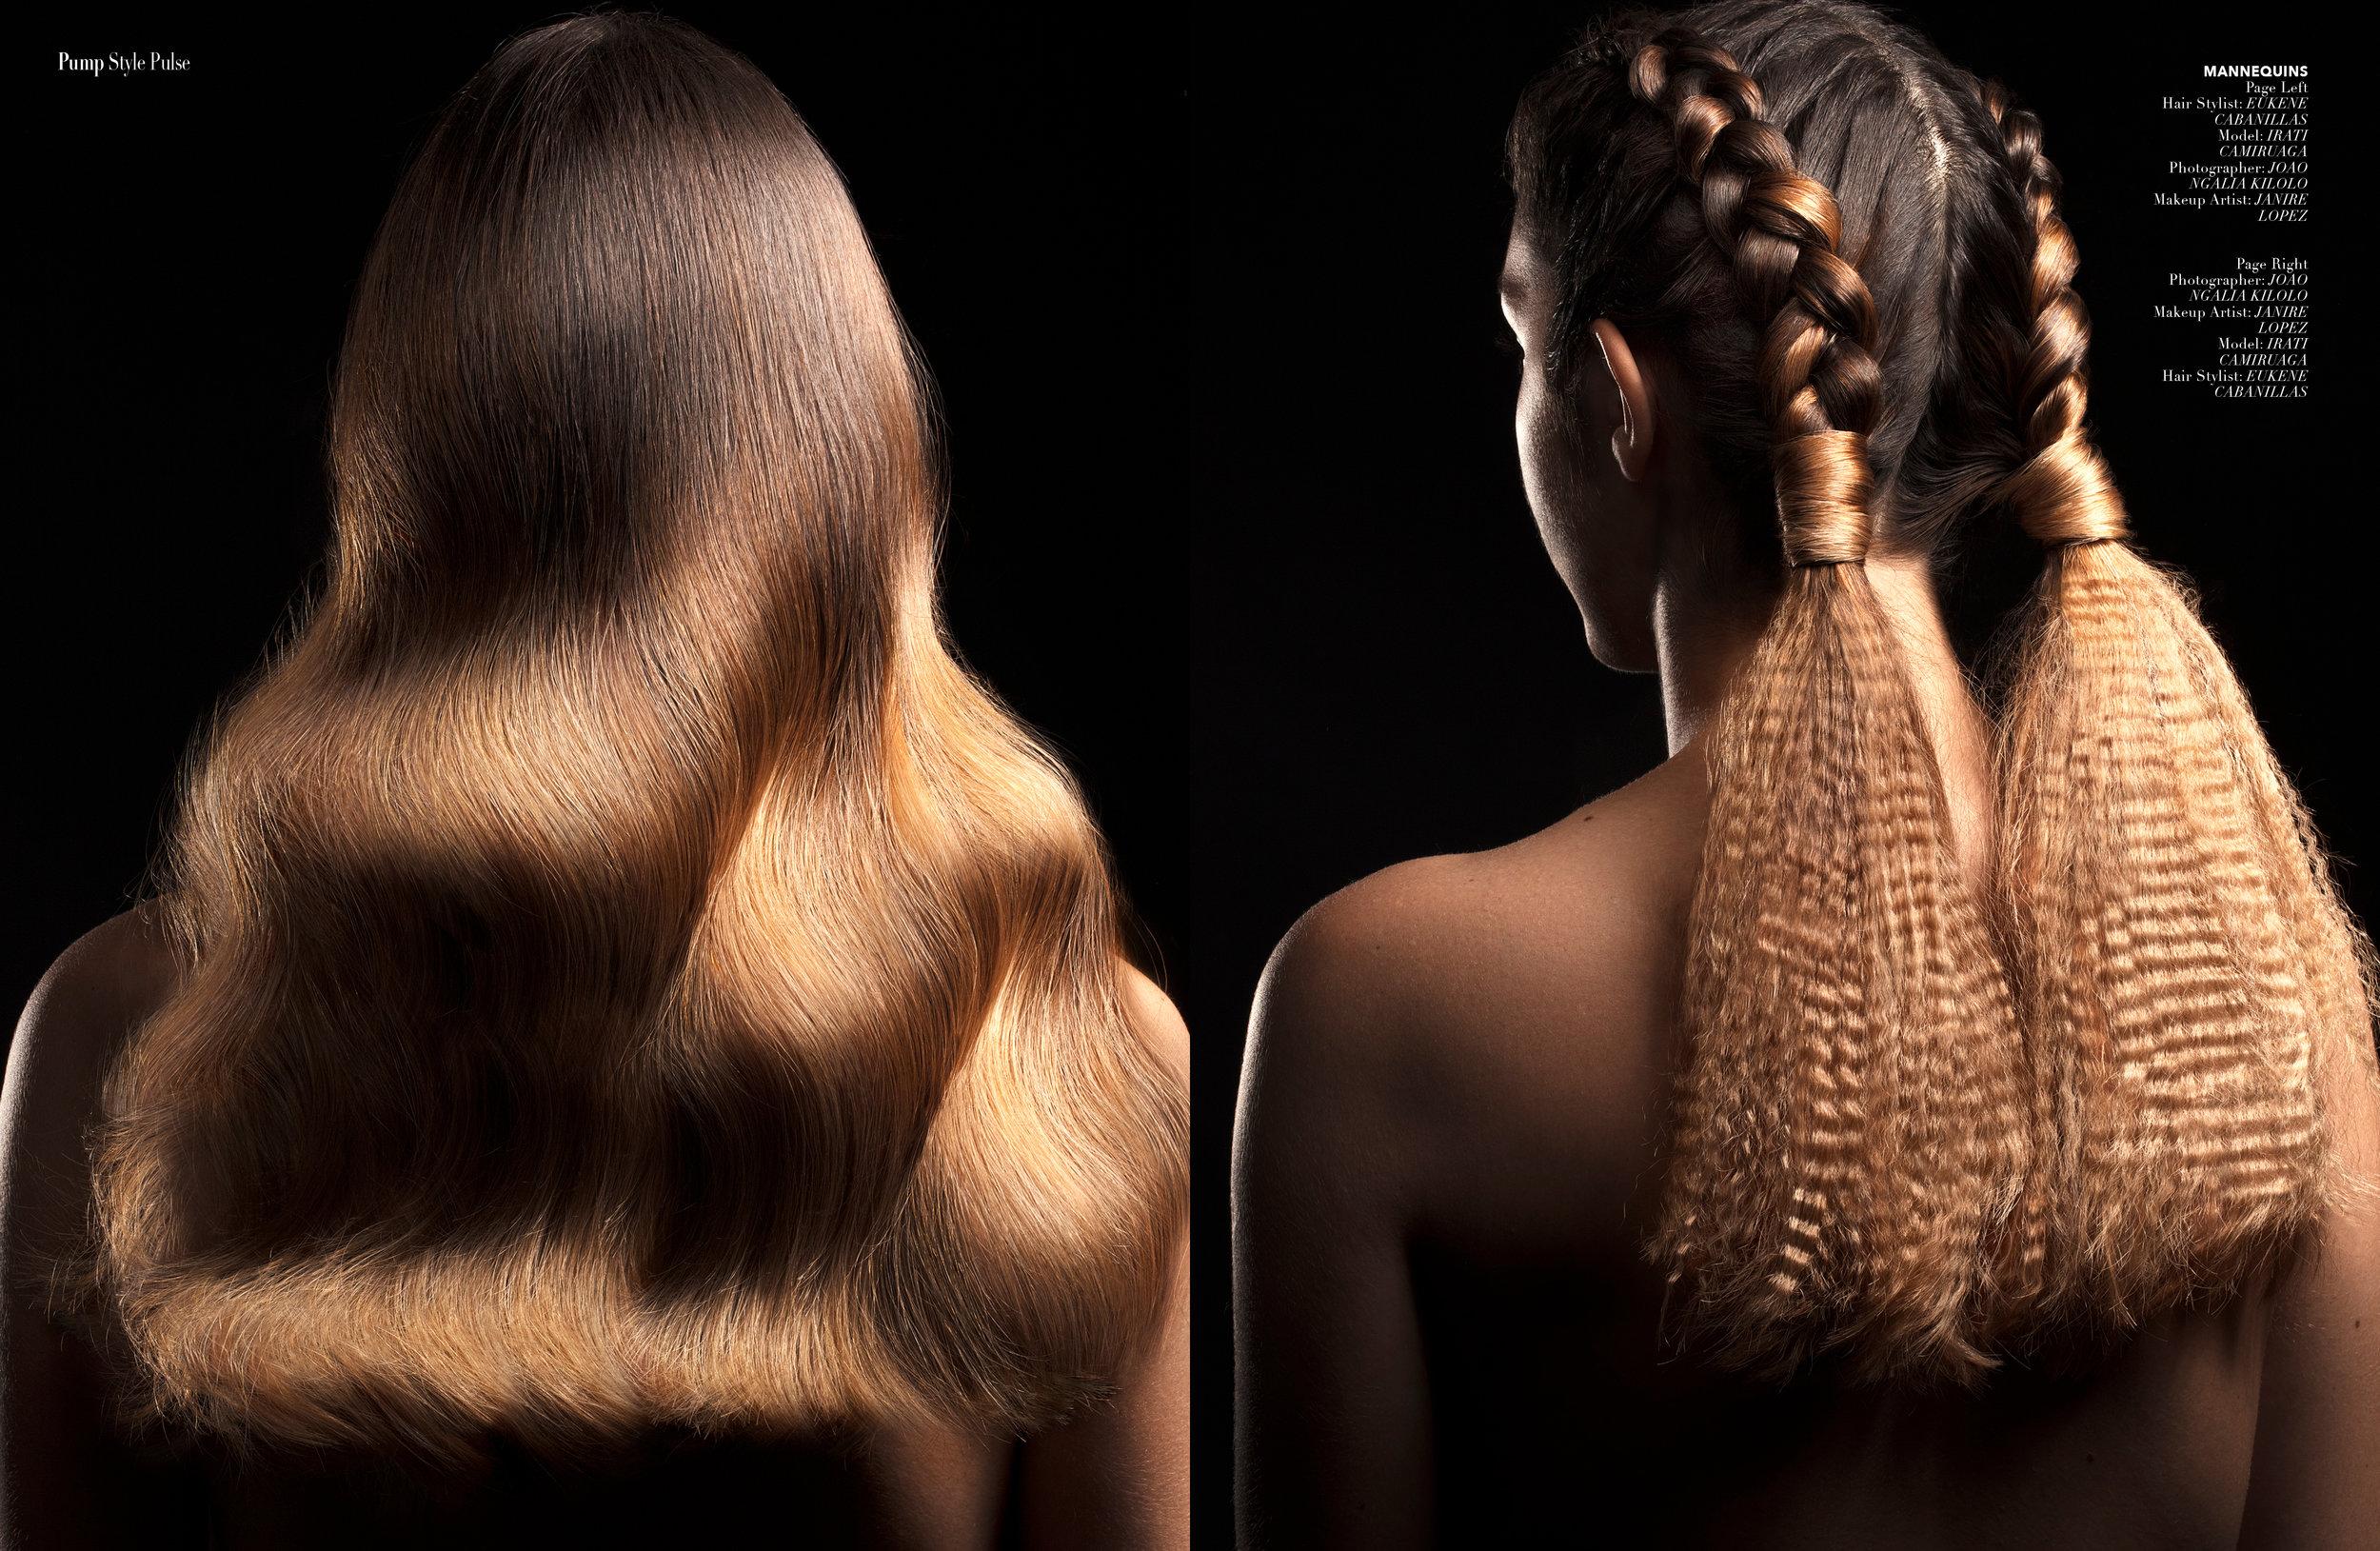 PUMP Hair Aug 920.jpg